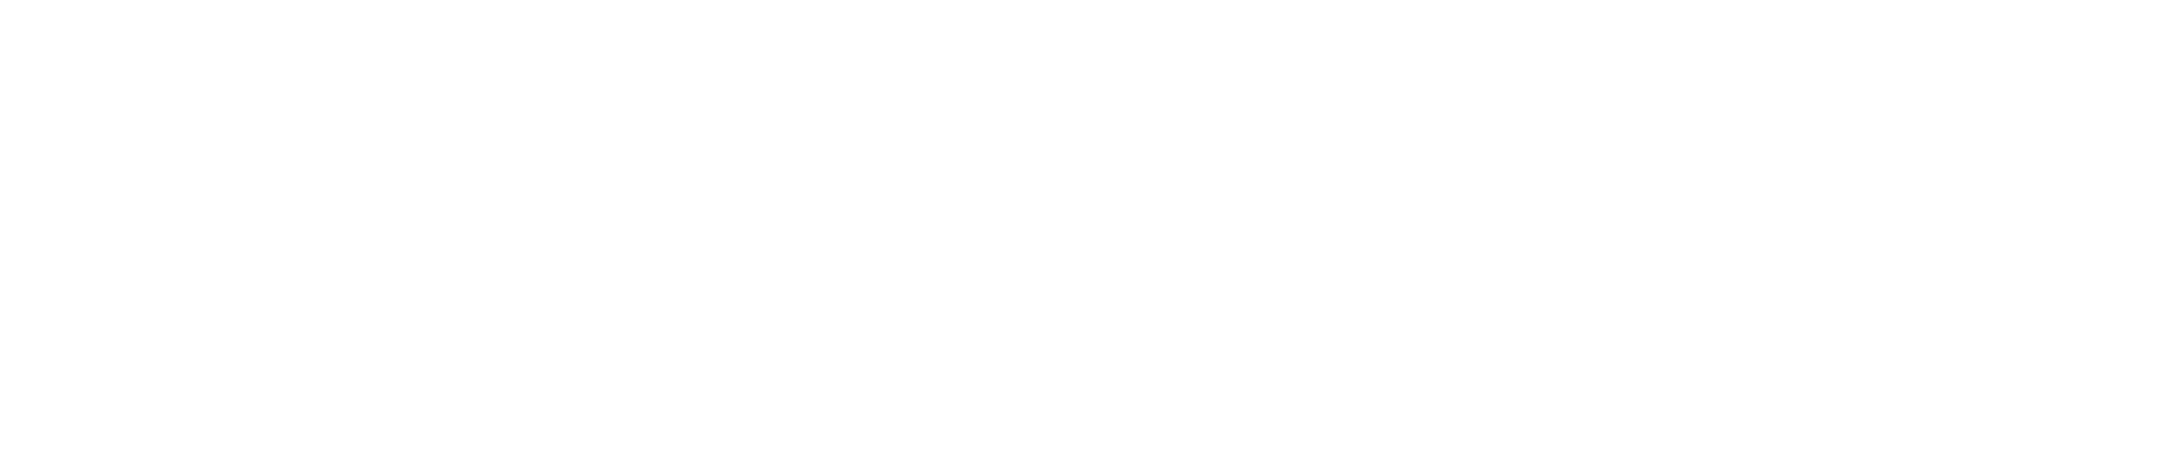 WisBusiness.com